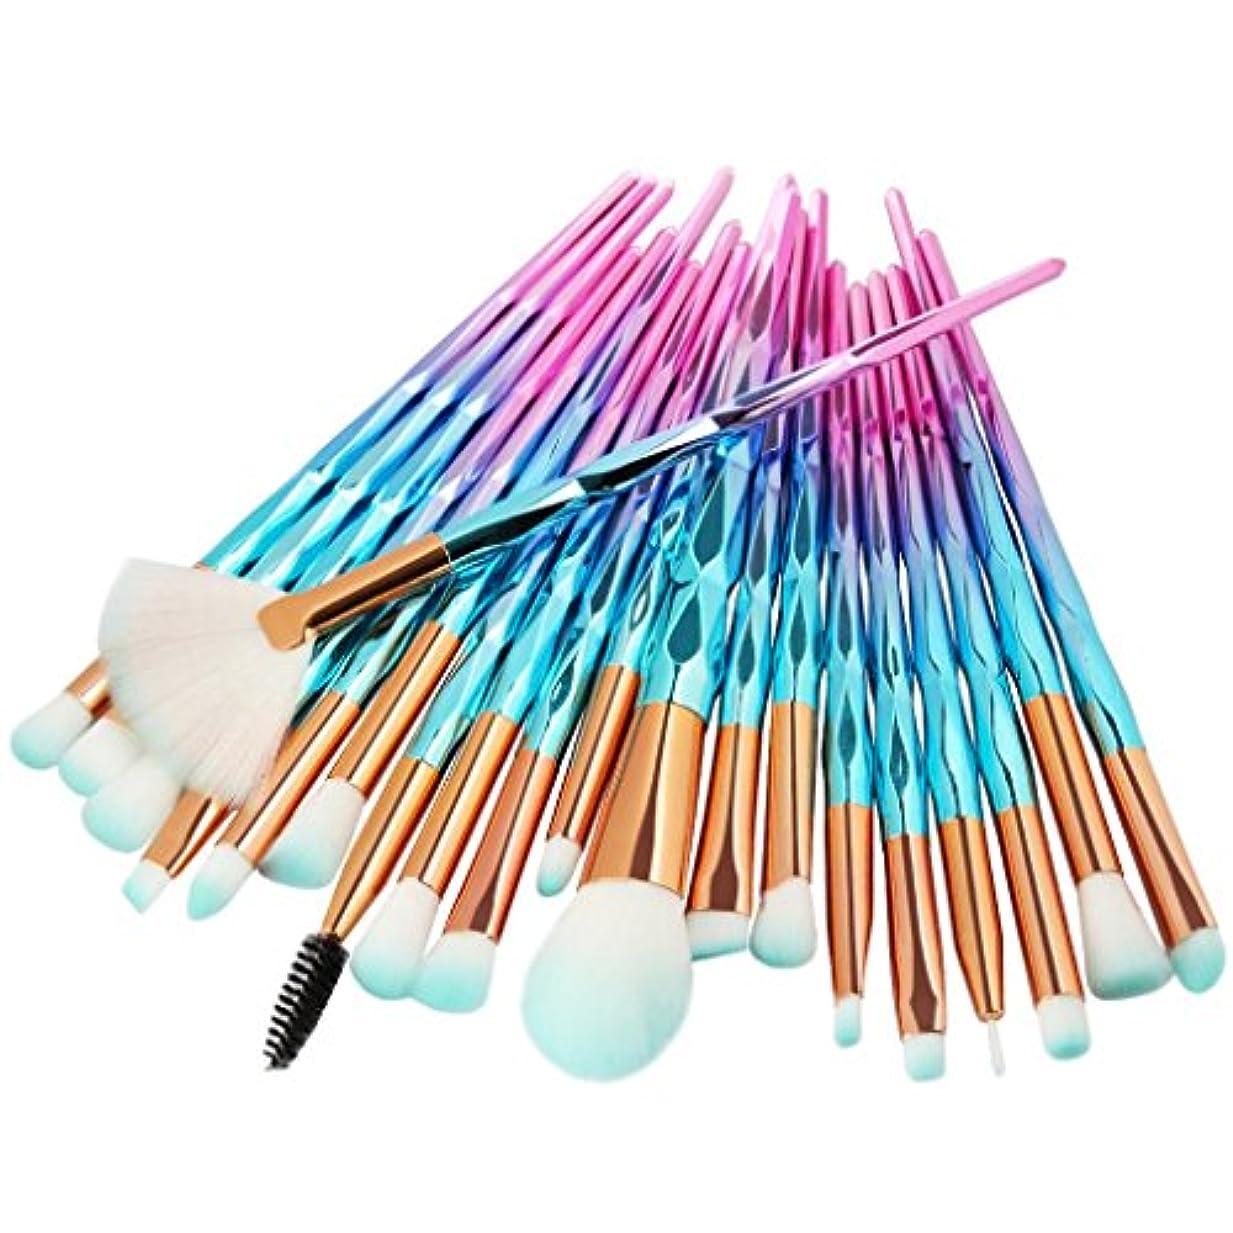 たとえ荒廃する生き残りますFeteso メイクブラシ メイクブラシセット 多色 20 本セット 人気 化粧ブラシ ふわふわ 敏感肌適用 メイク道具 プレゼント アイシャドウ アイライナー Makeup Brushes Set